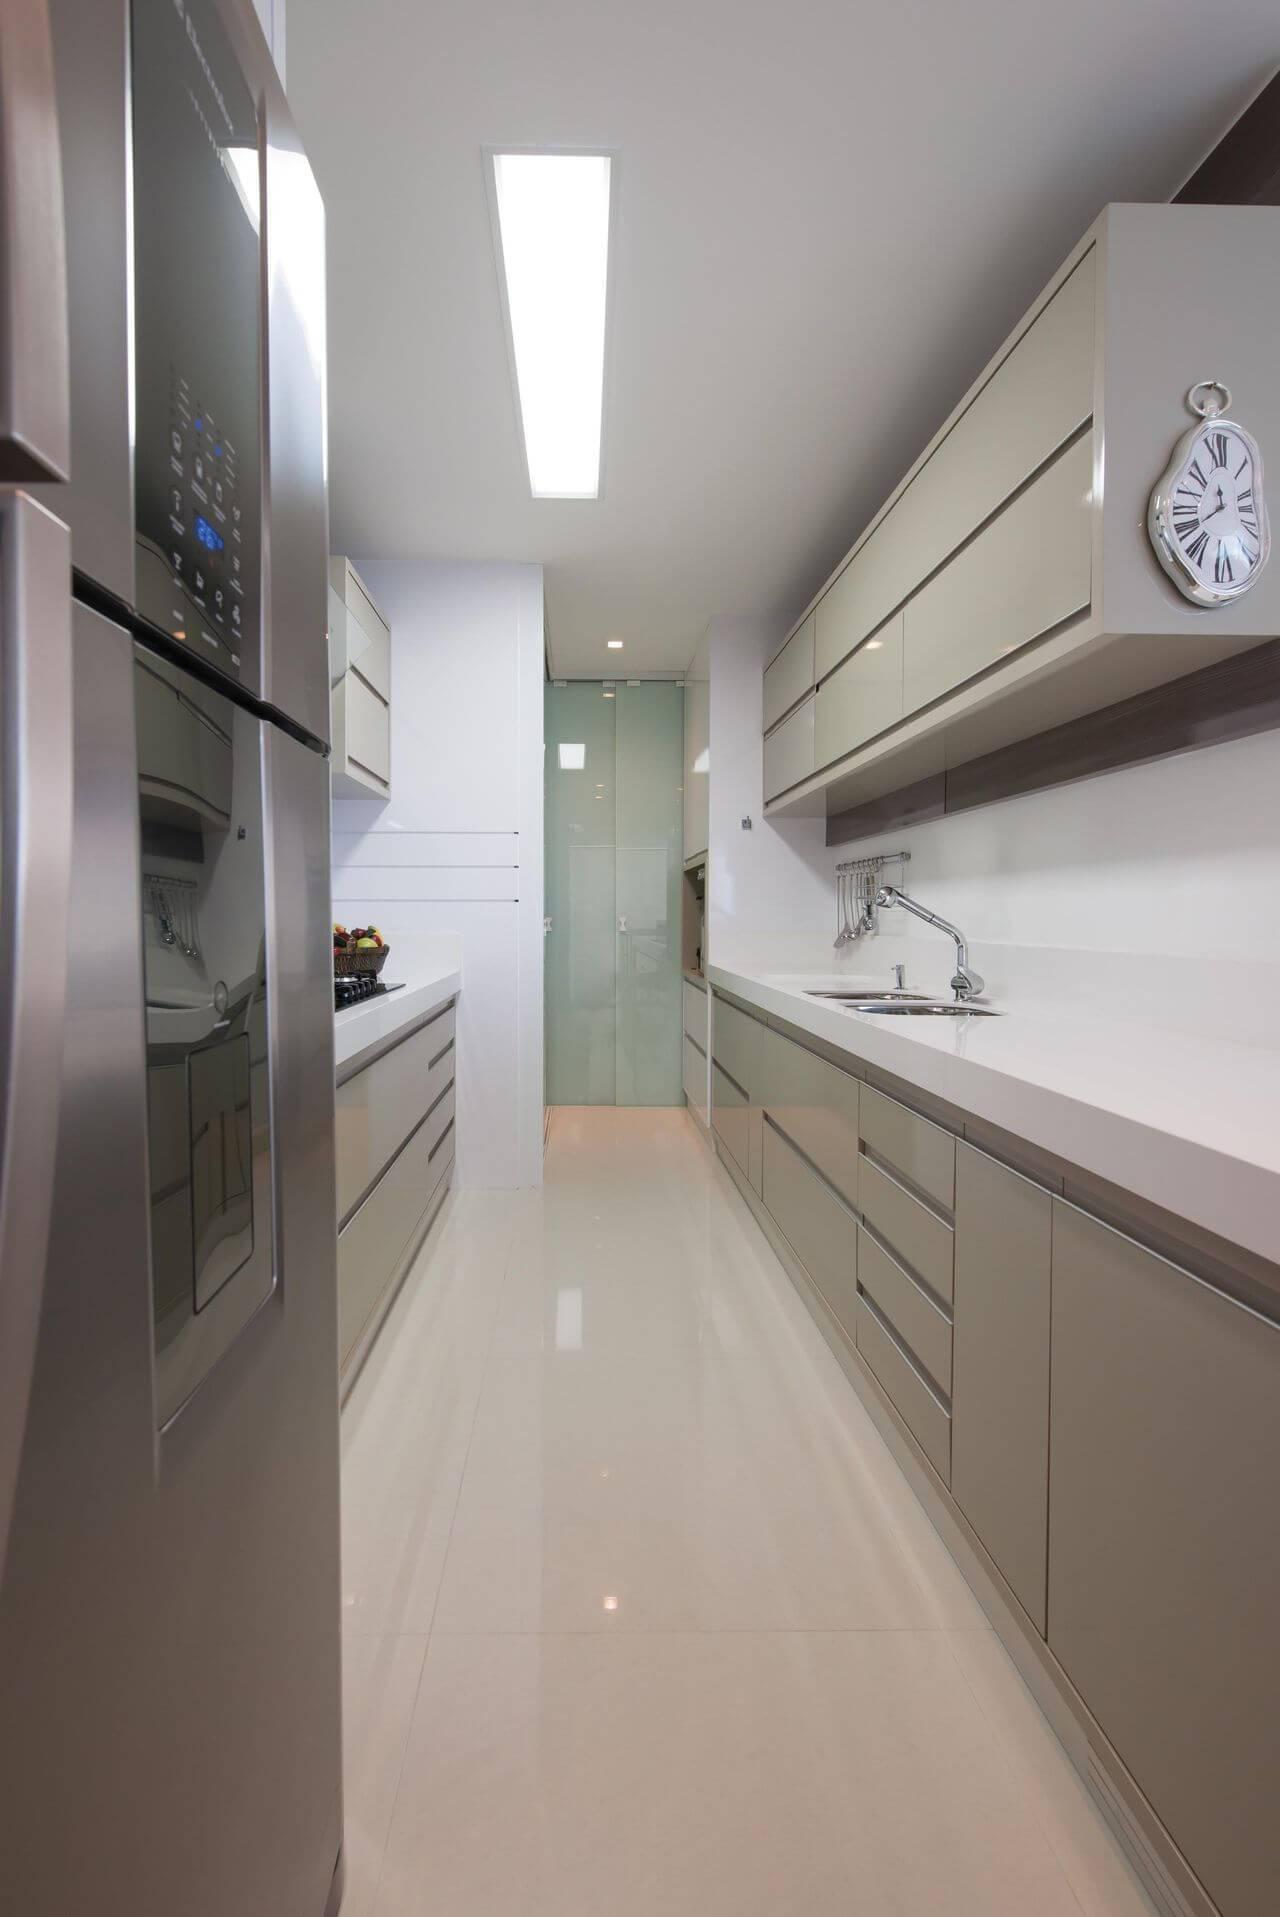 Cozinhas Planejadas para Apartamentos Pequenos corredor actual design 104094